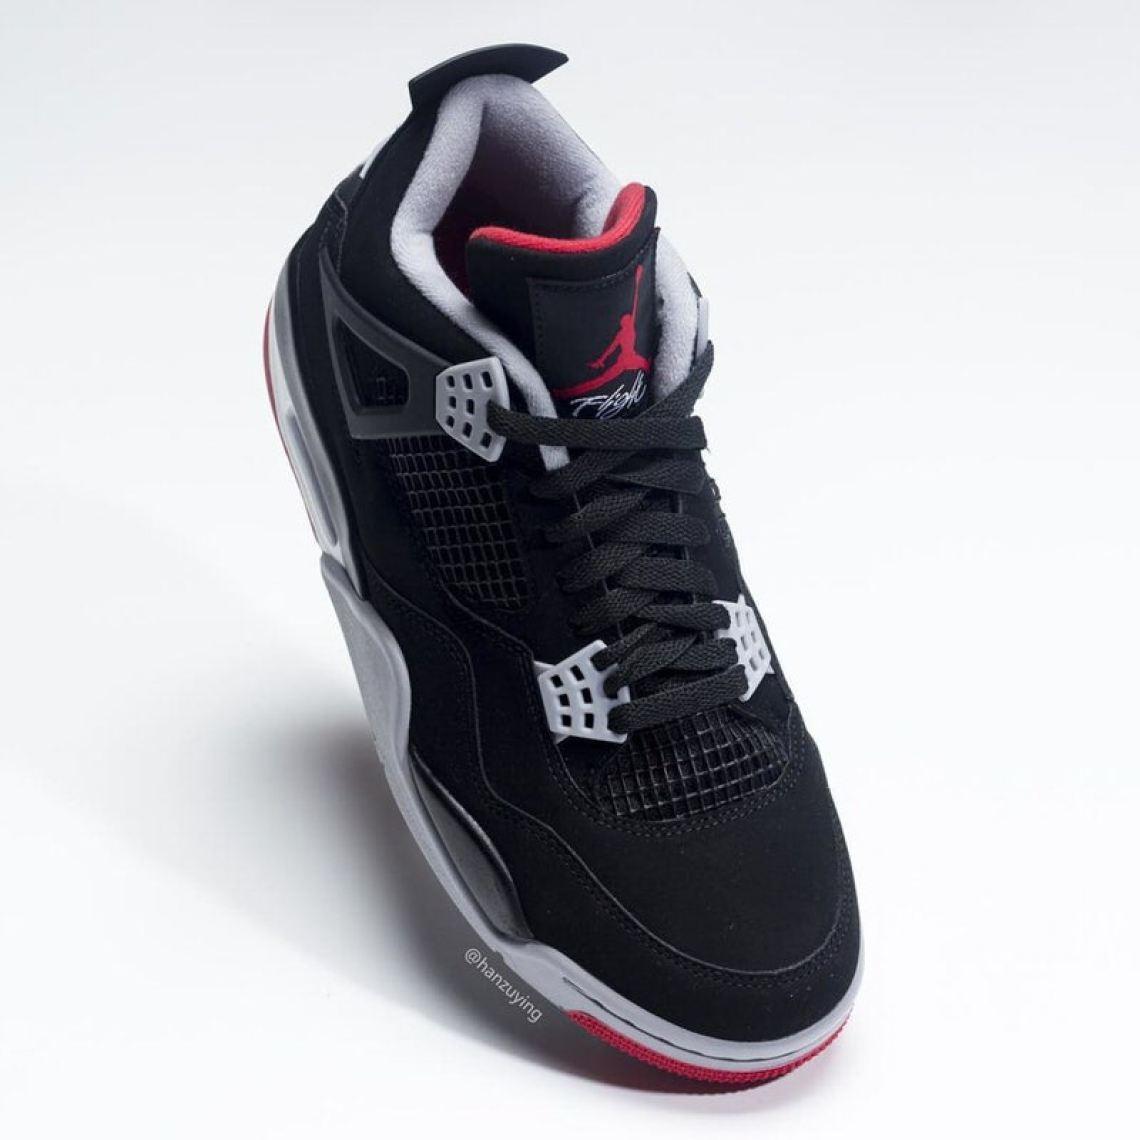 reputable site 8816f 1d53c ... Air Jordan 4 Black Red